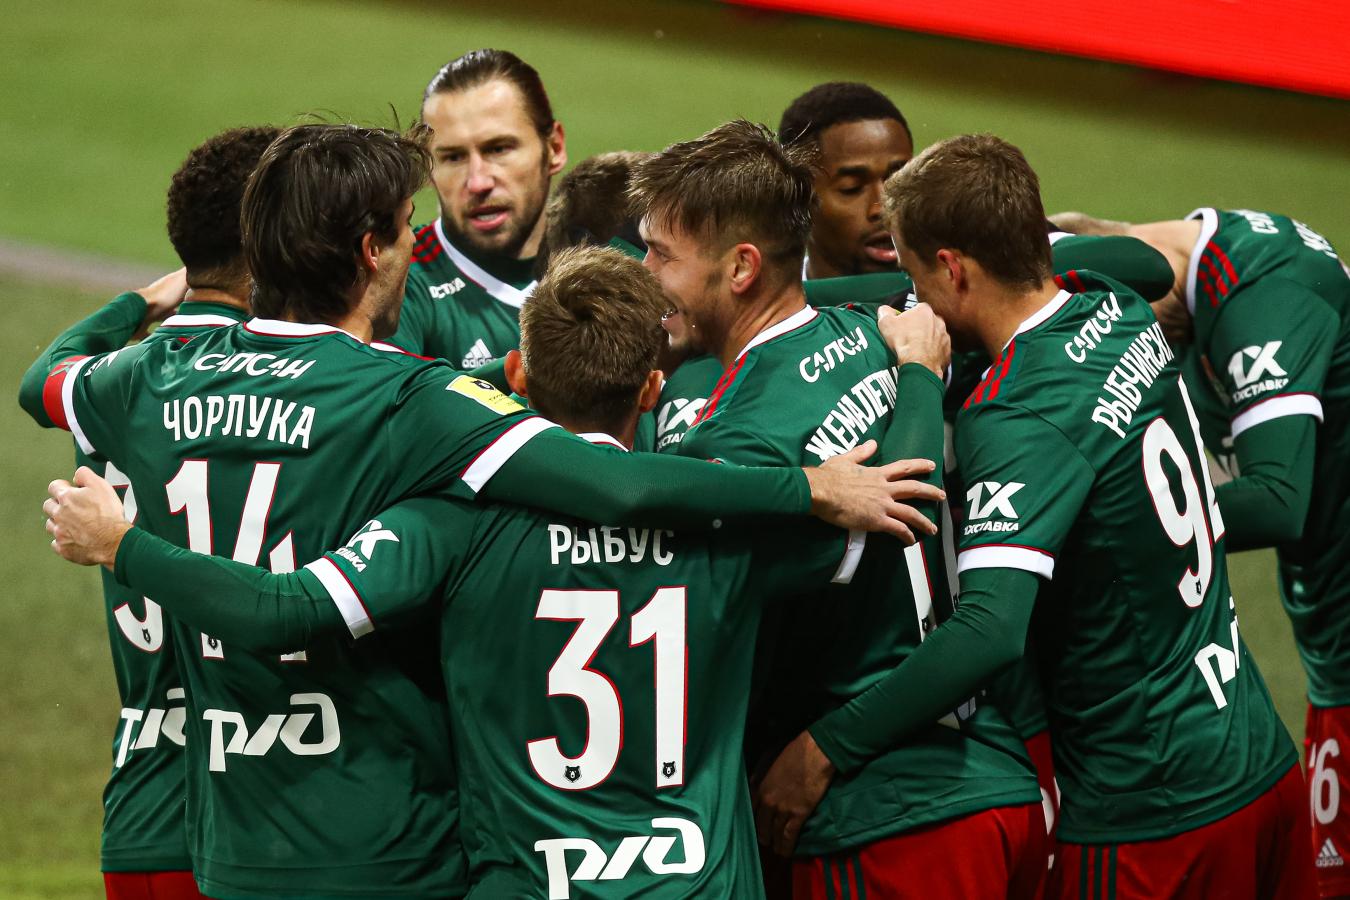 Турнирная таблица РПЛ: «Локомотив» поднялся на 2-е место, «Рубин» вытеснил ЦСКА из топ-4